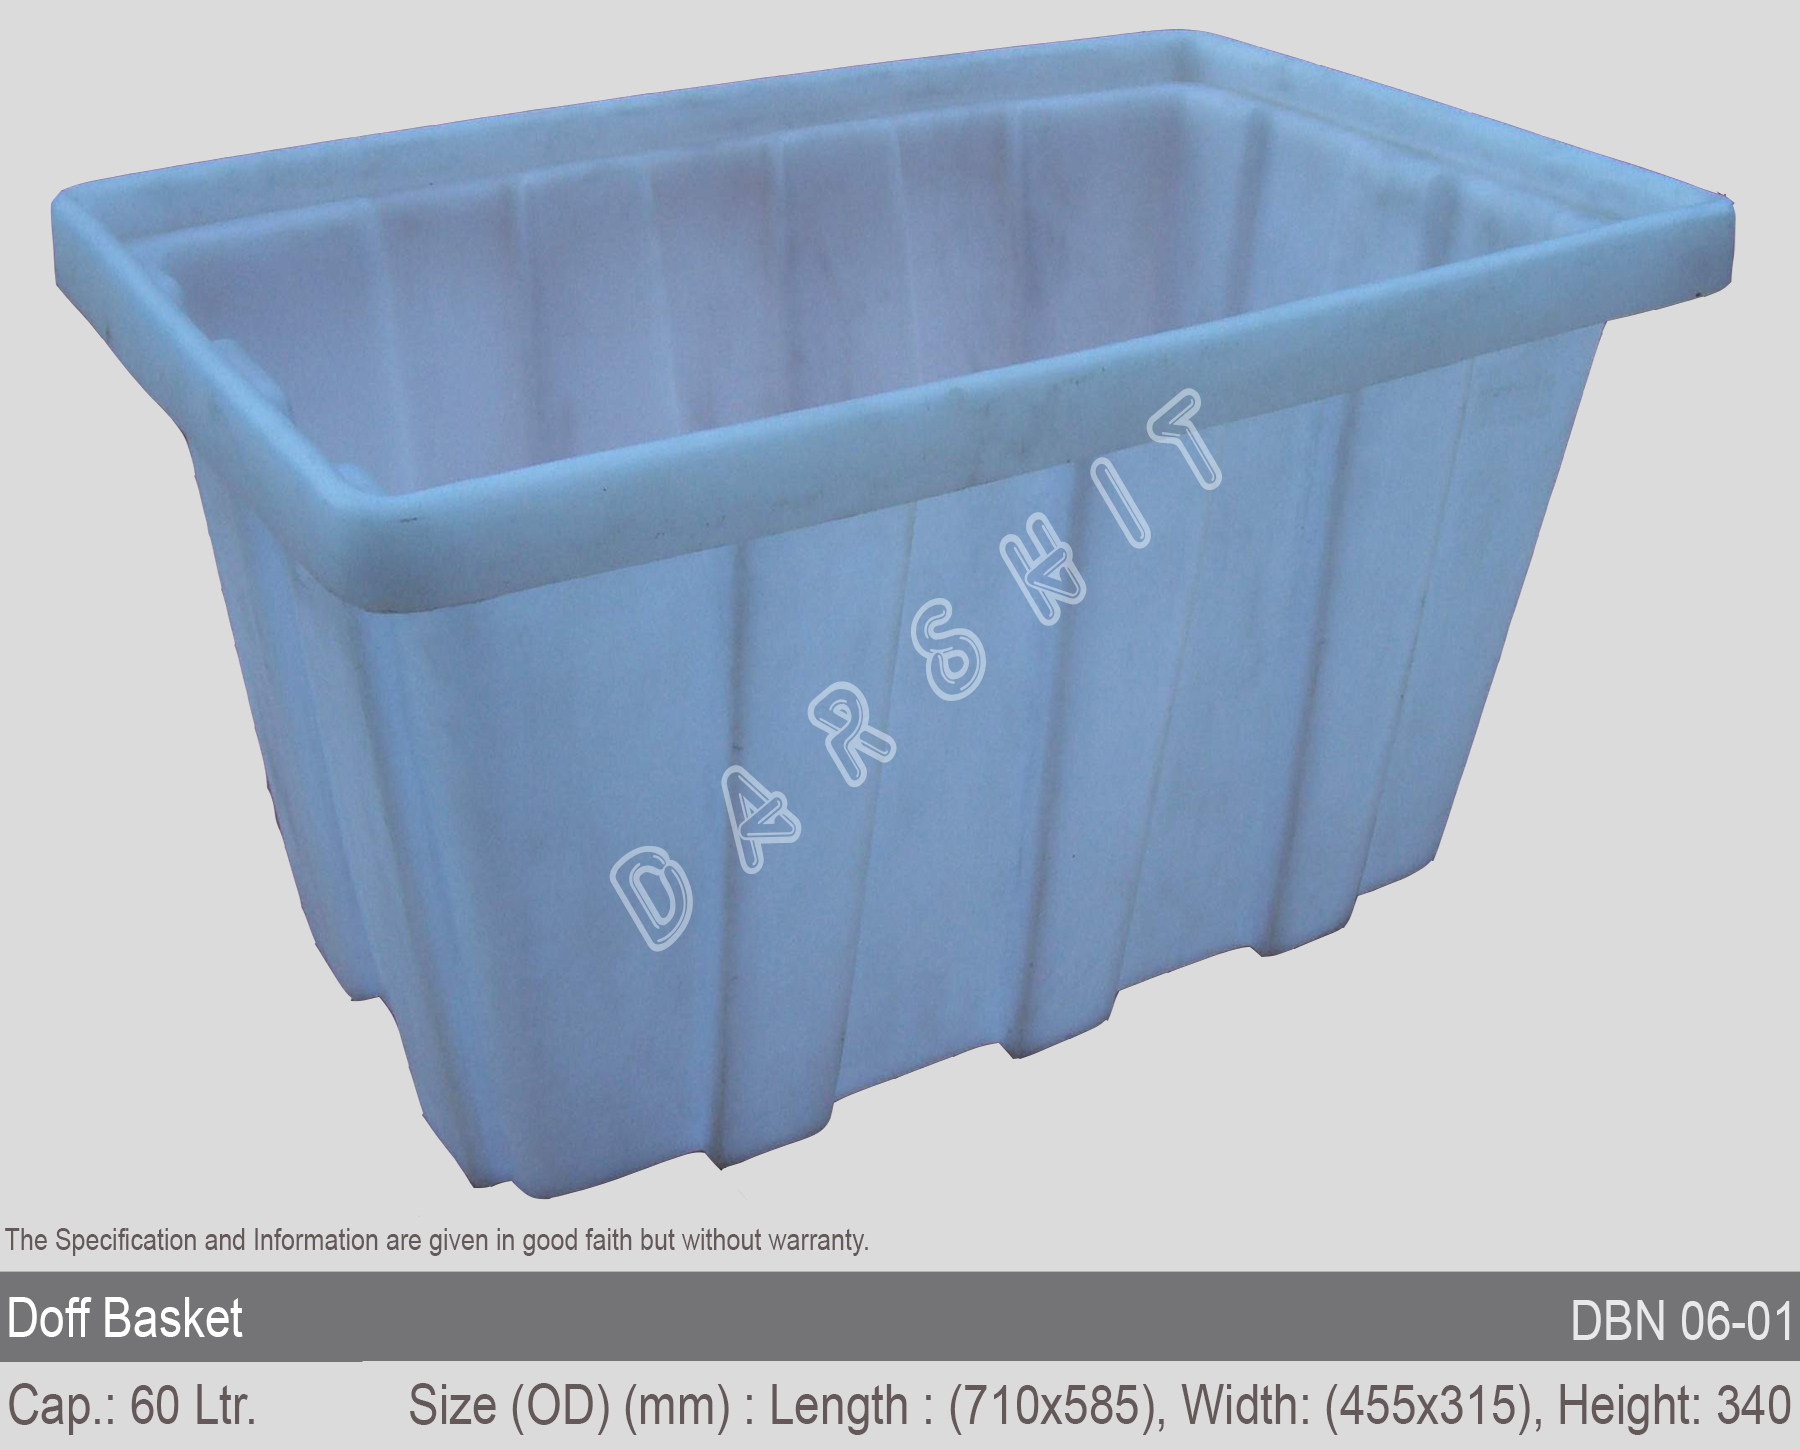 Sintex Doff Nestable Baskets